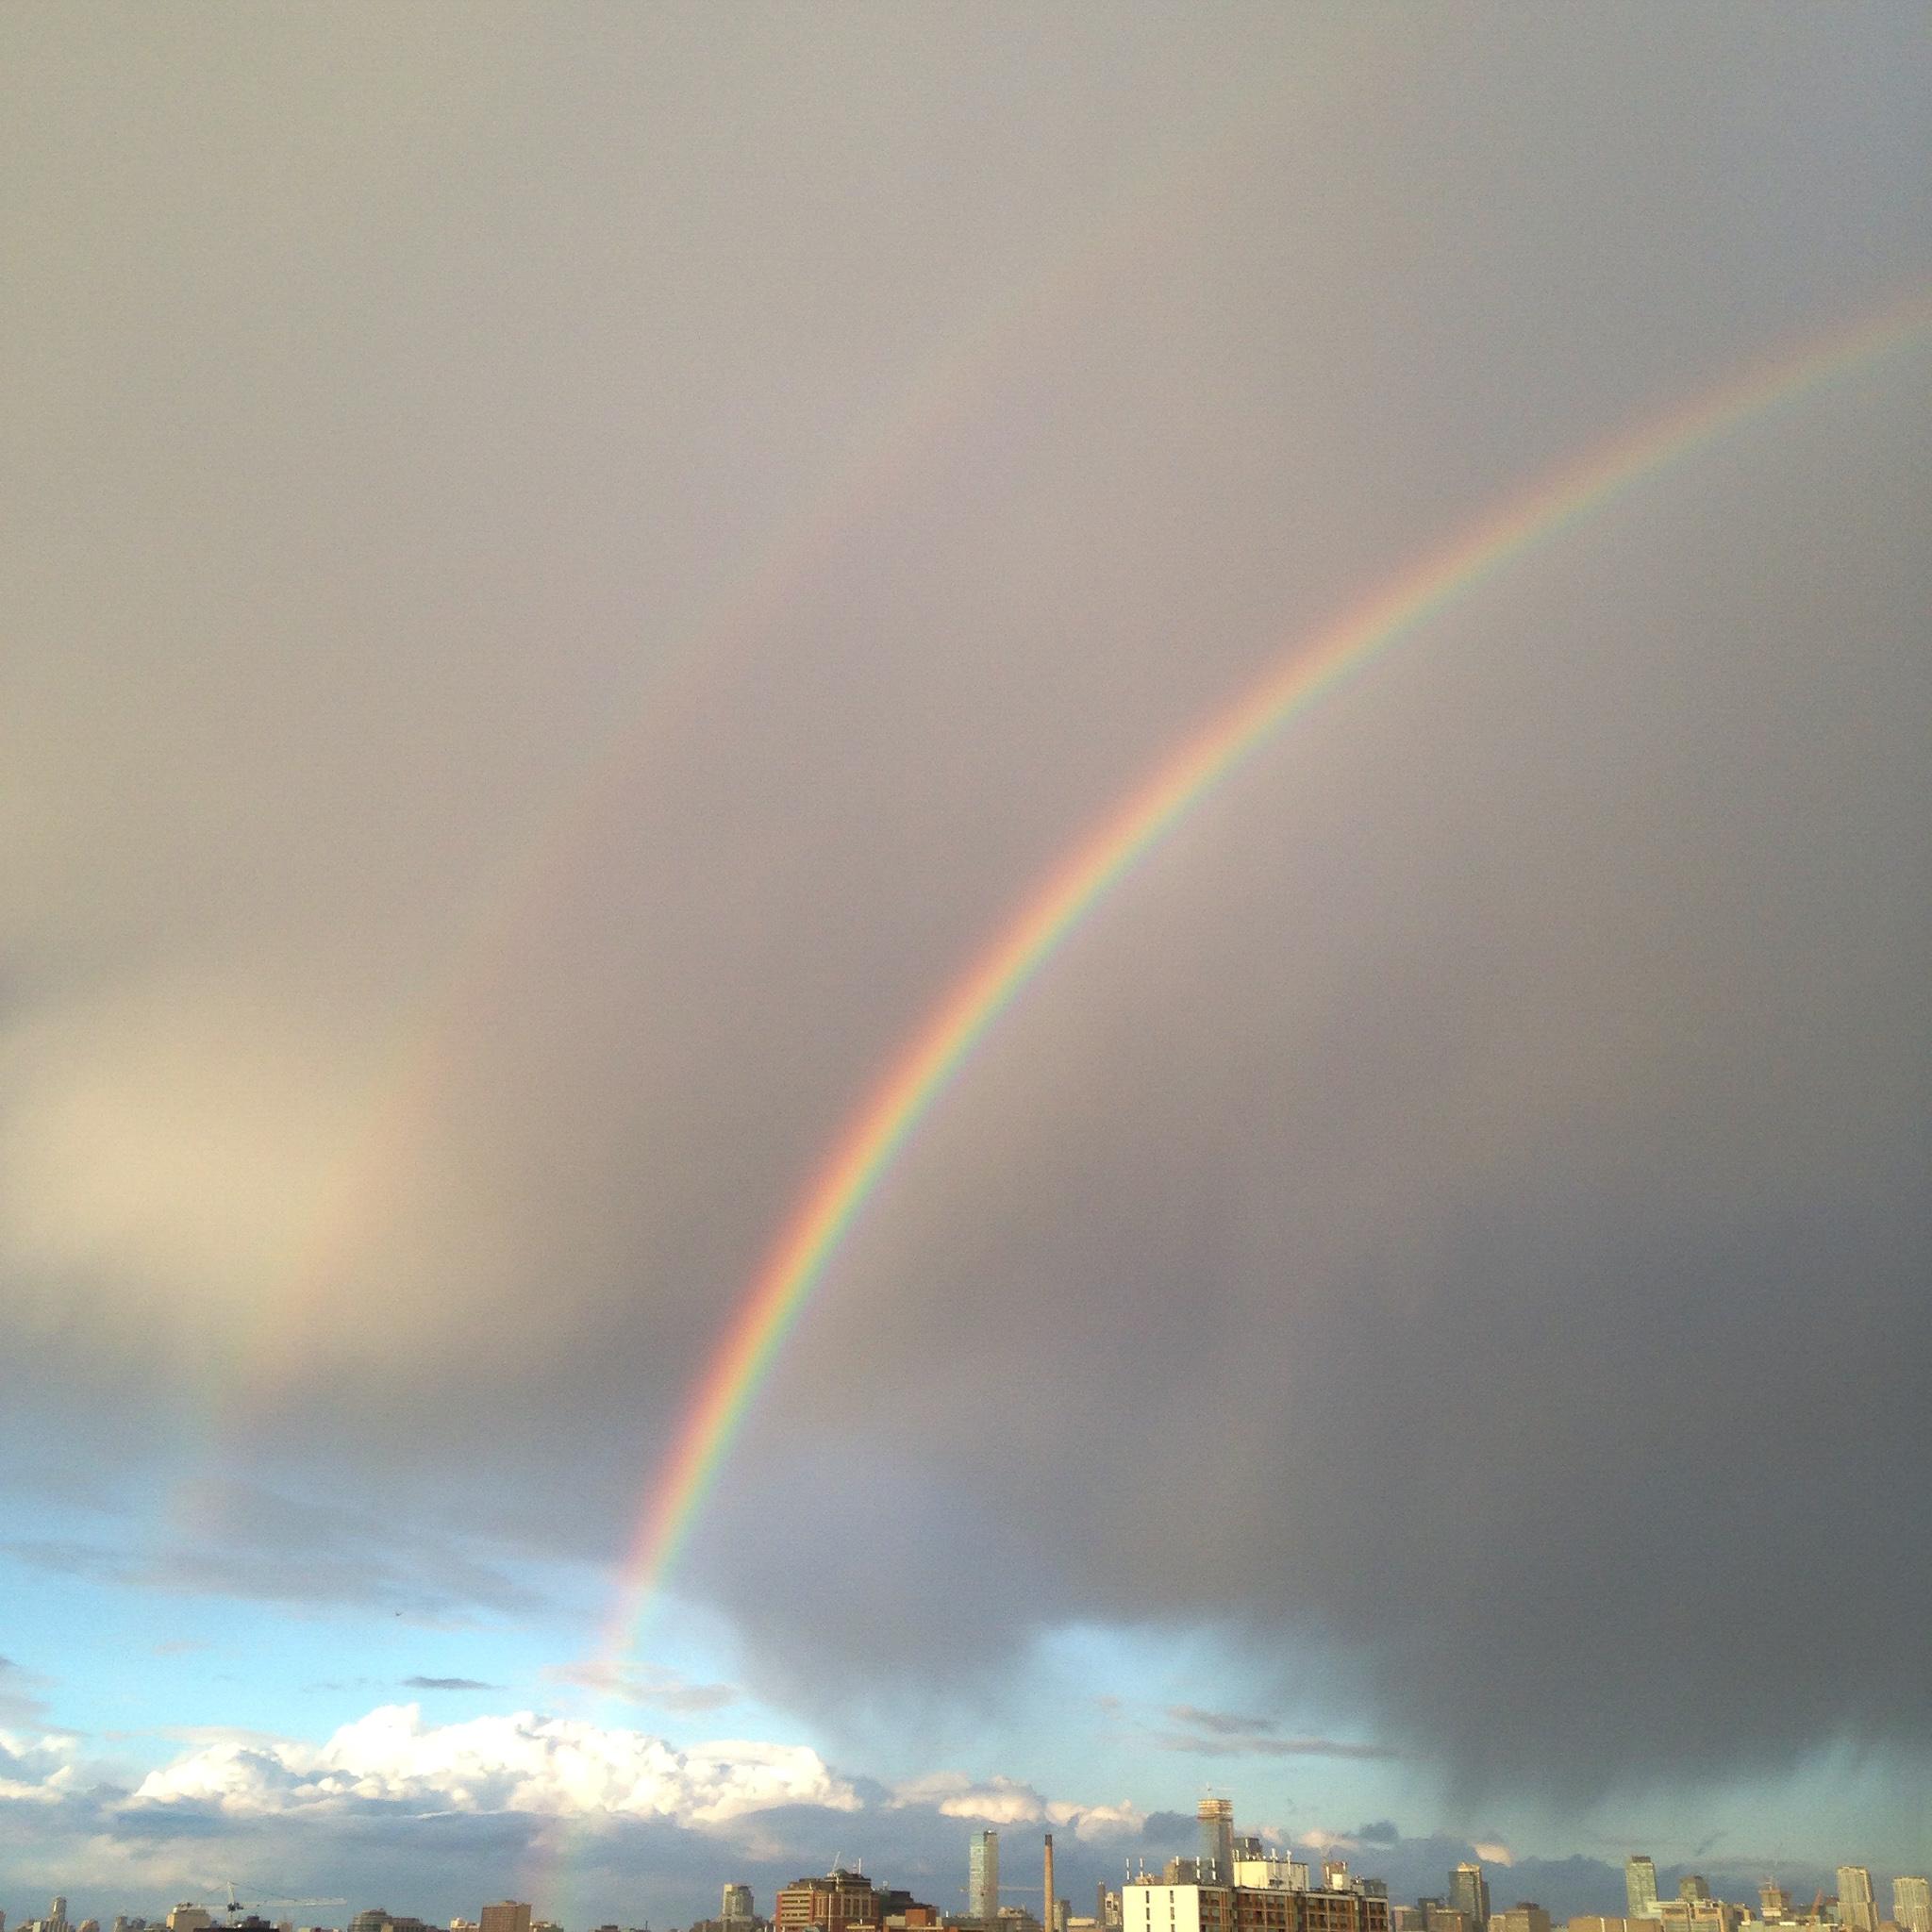 a rainbow over city